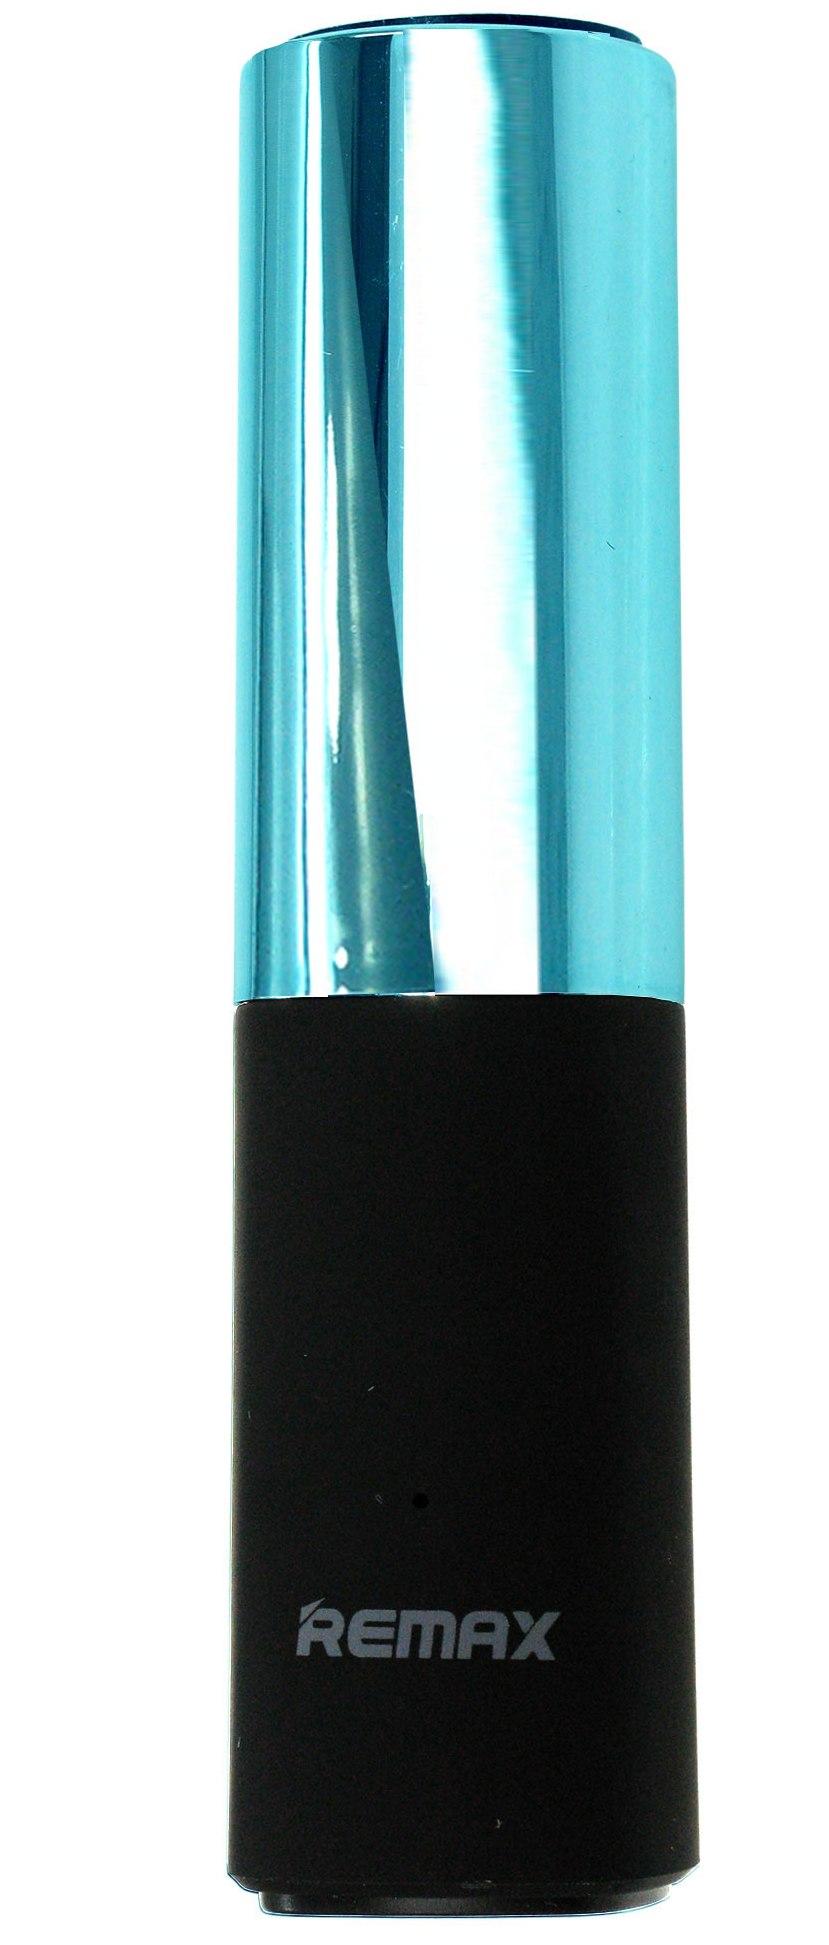 Портативное зарядное устройство Remax Lipmax 2400 мАч (голубой)